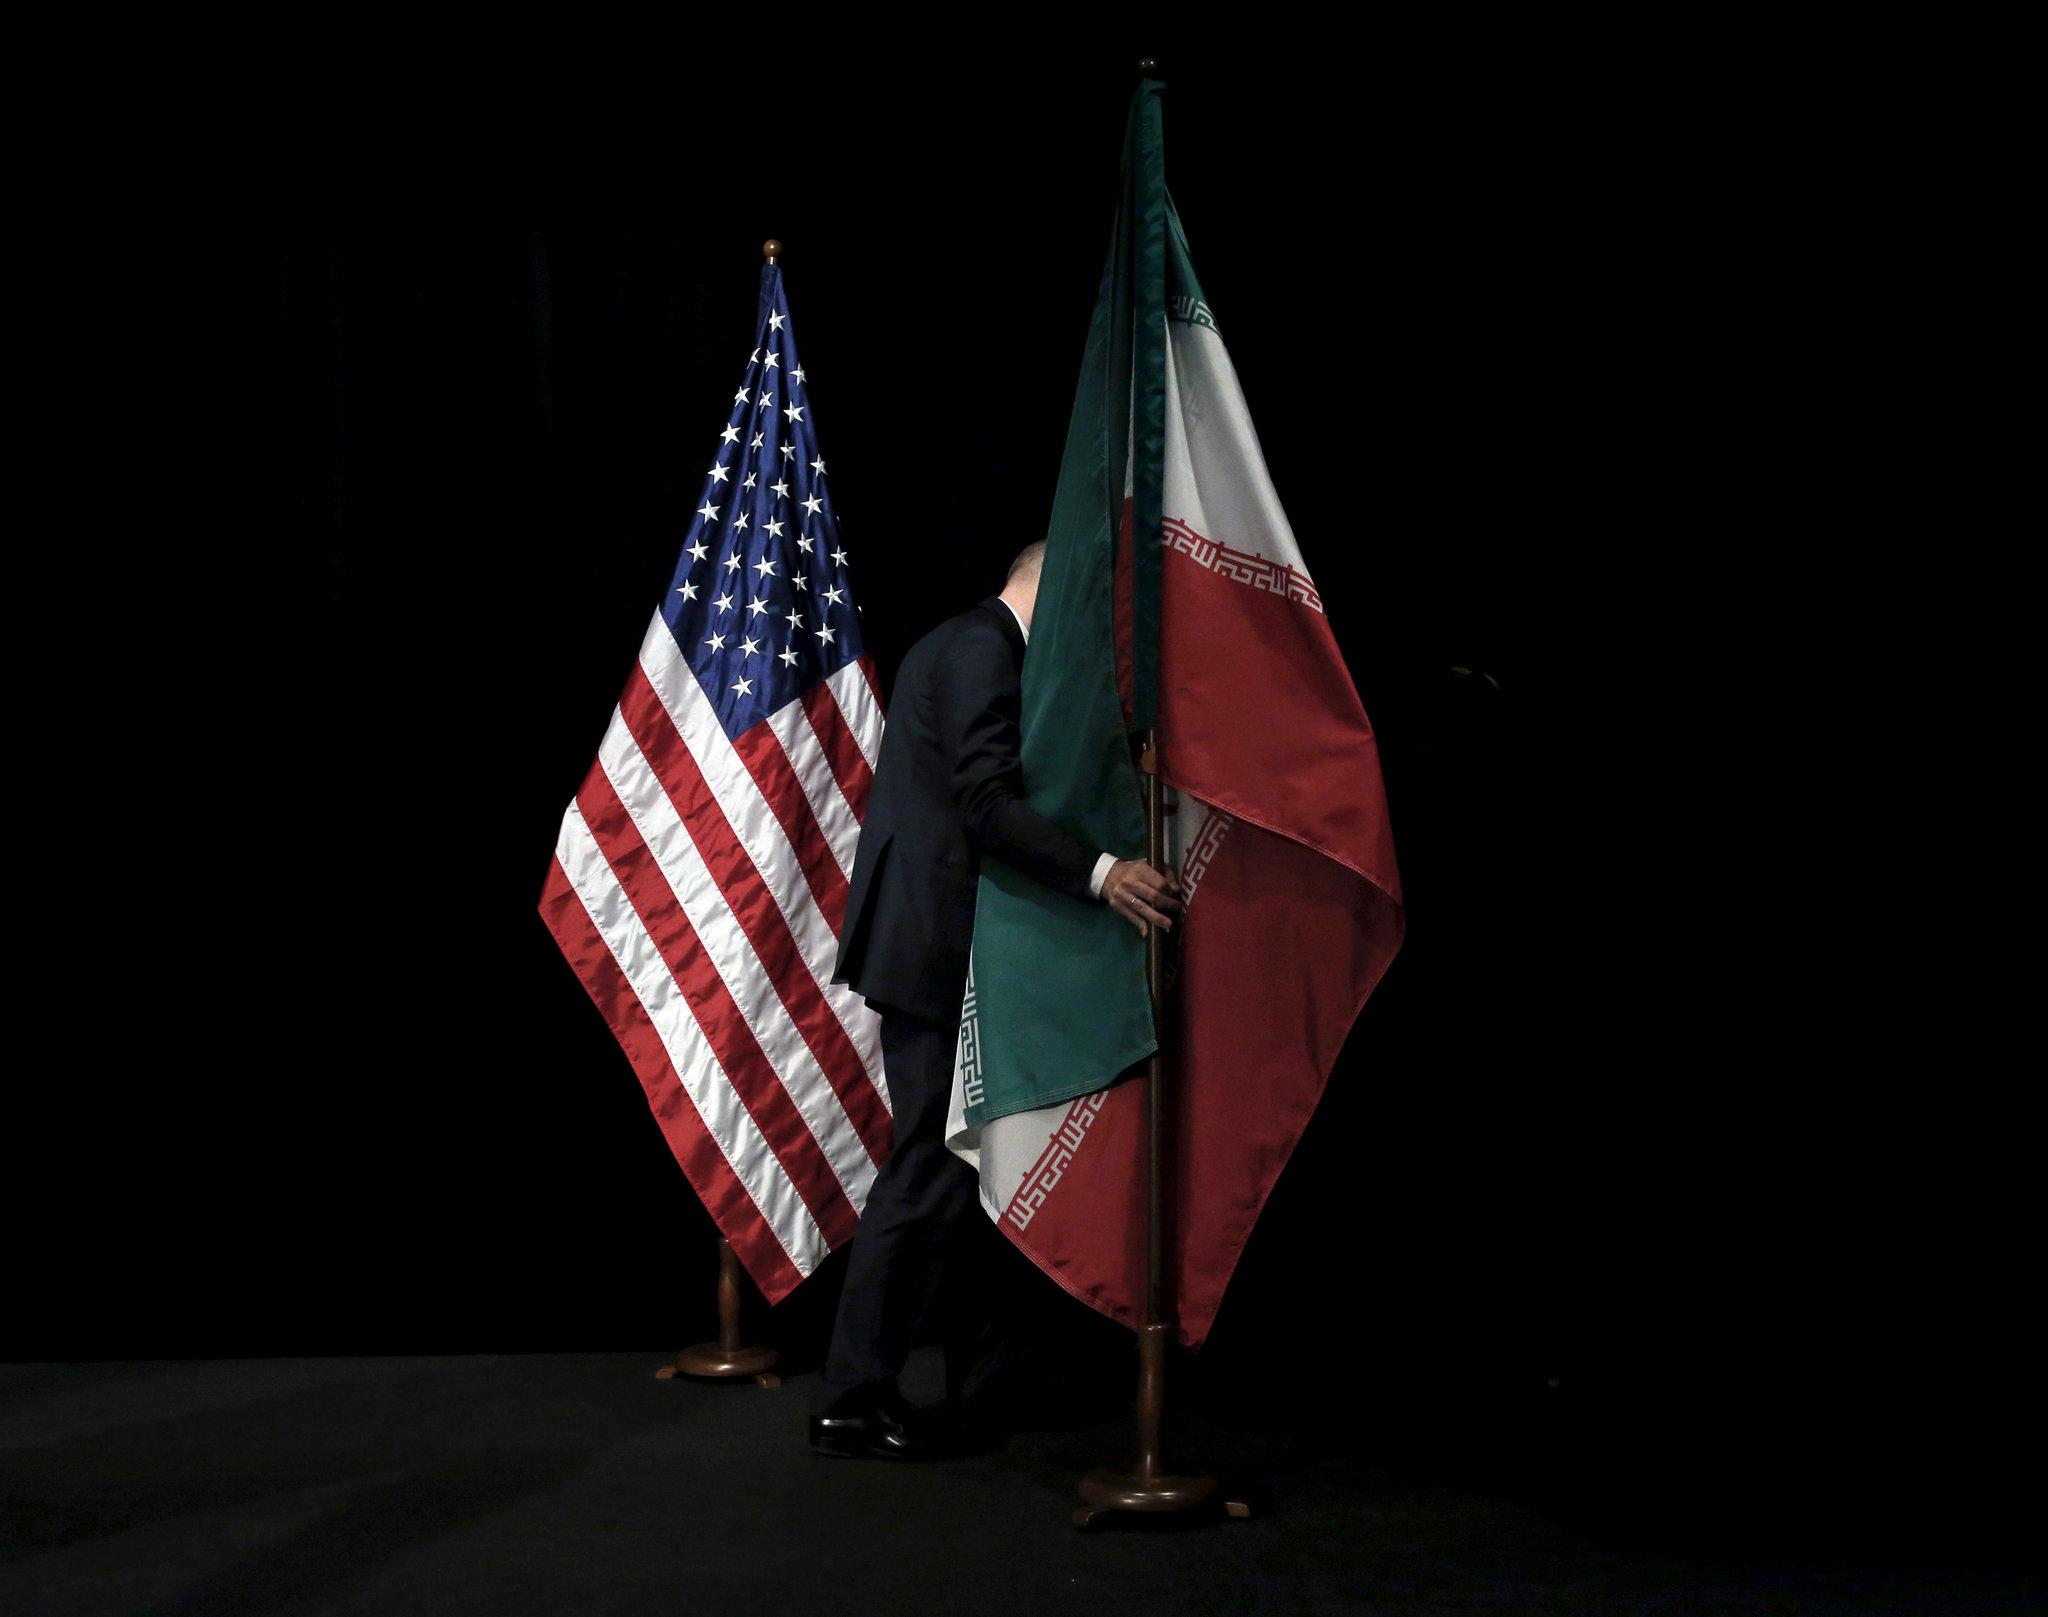 وقع الإيرانيين والأميركيين جولة مفاوضات طويلة قبل 5 أعوام افضلت إلى توقيع اتفاق انسحبه منه دونالد ترمب (رويترز)